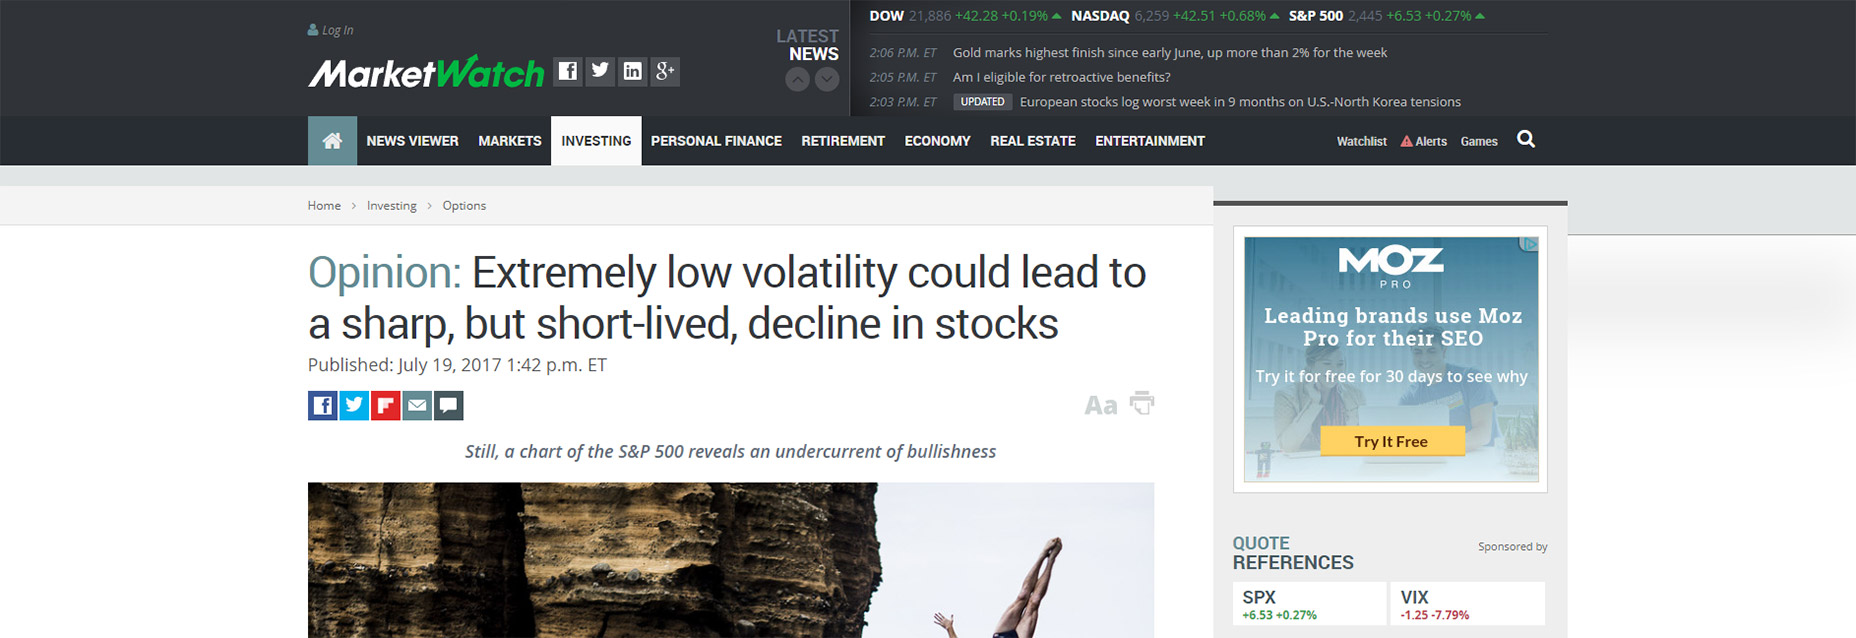 08-marketwatch-blog-breadcrumbs